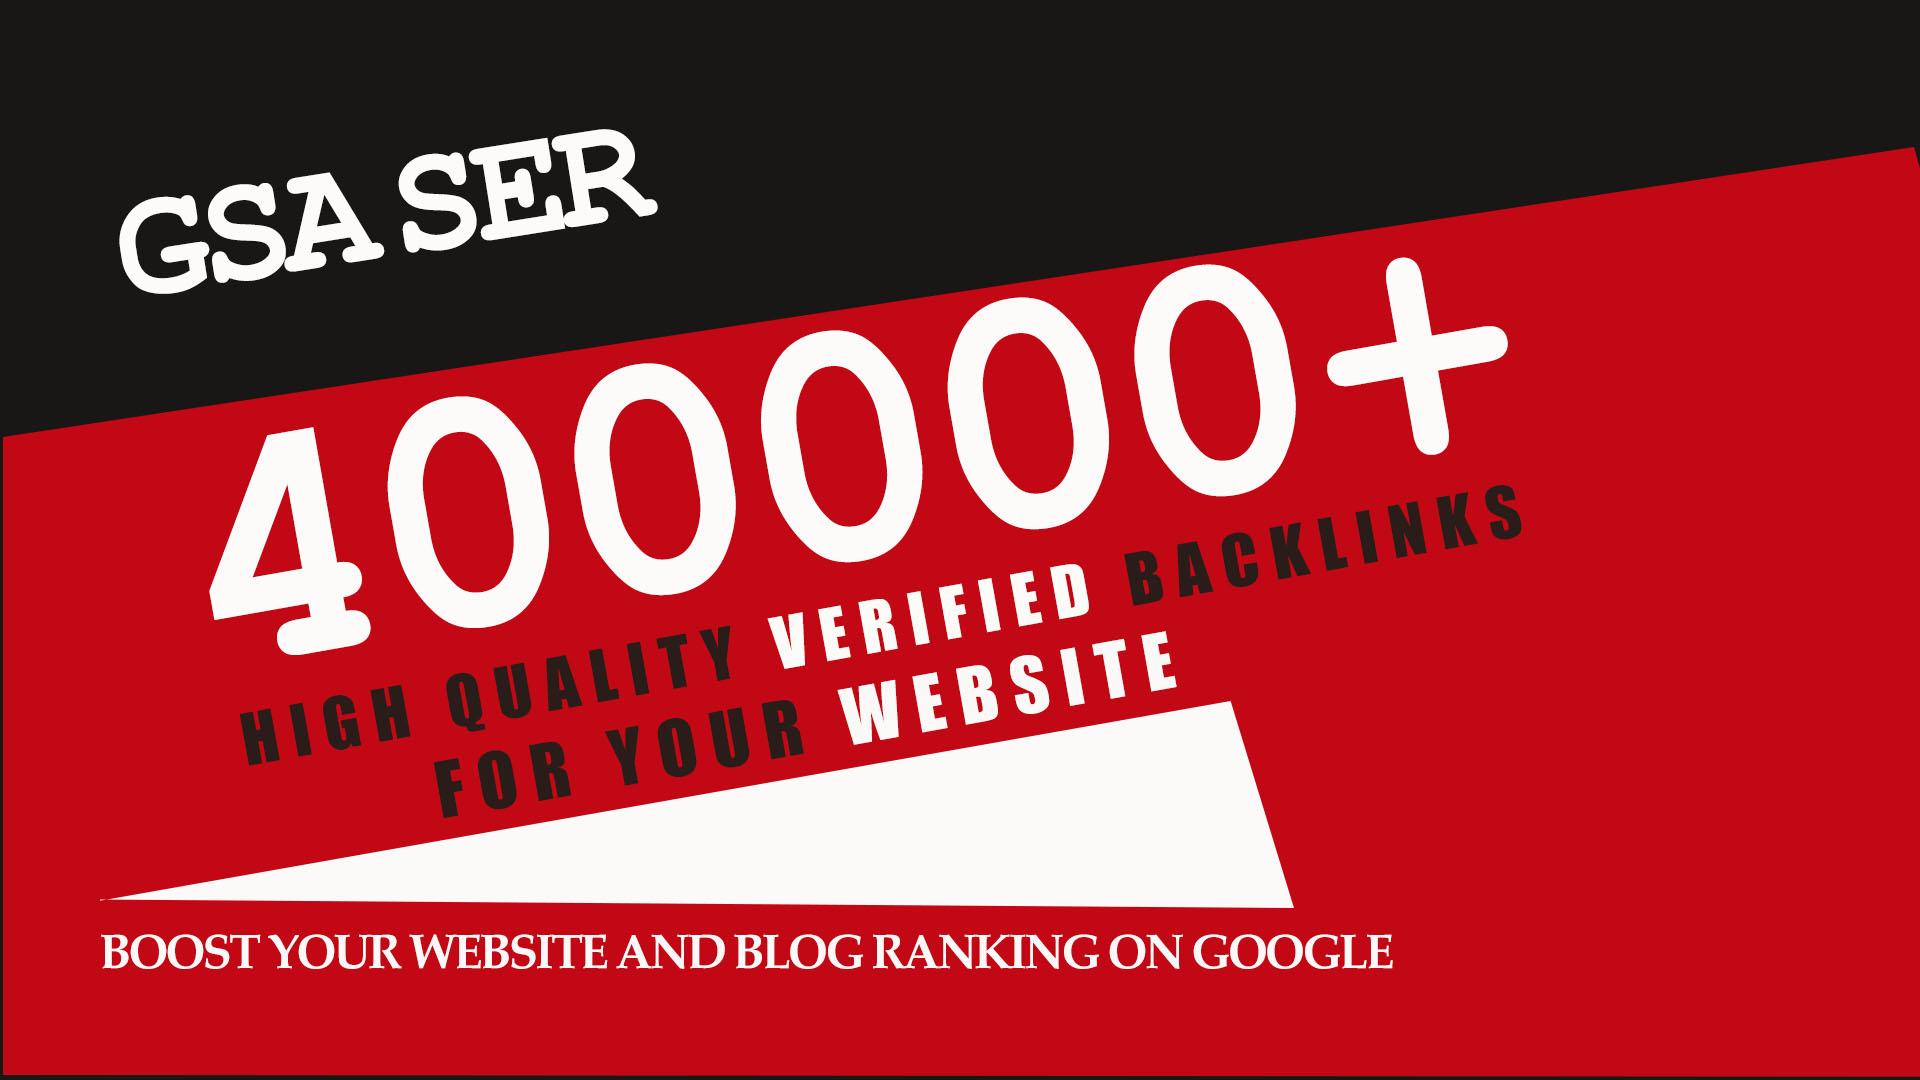 I will do 400K gsa ser backlinks for ranking your website